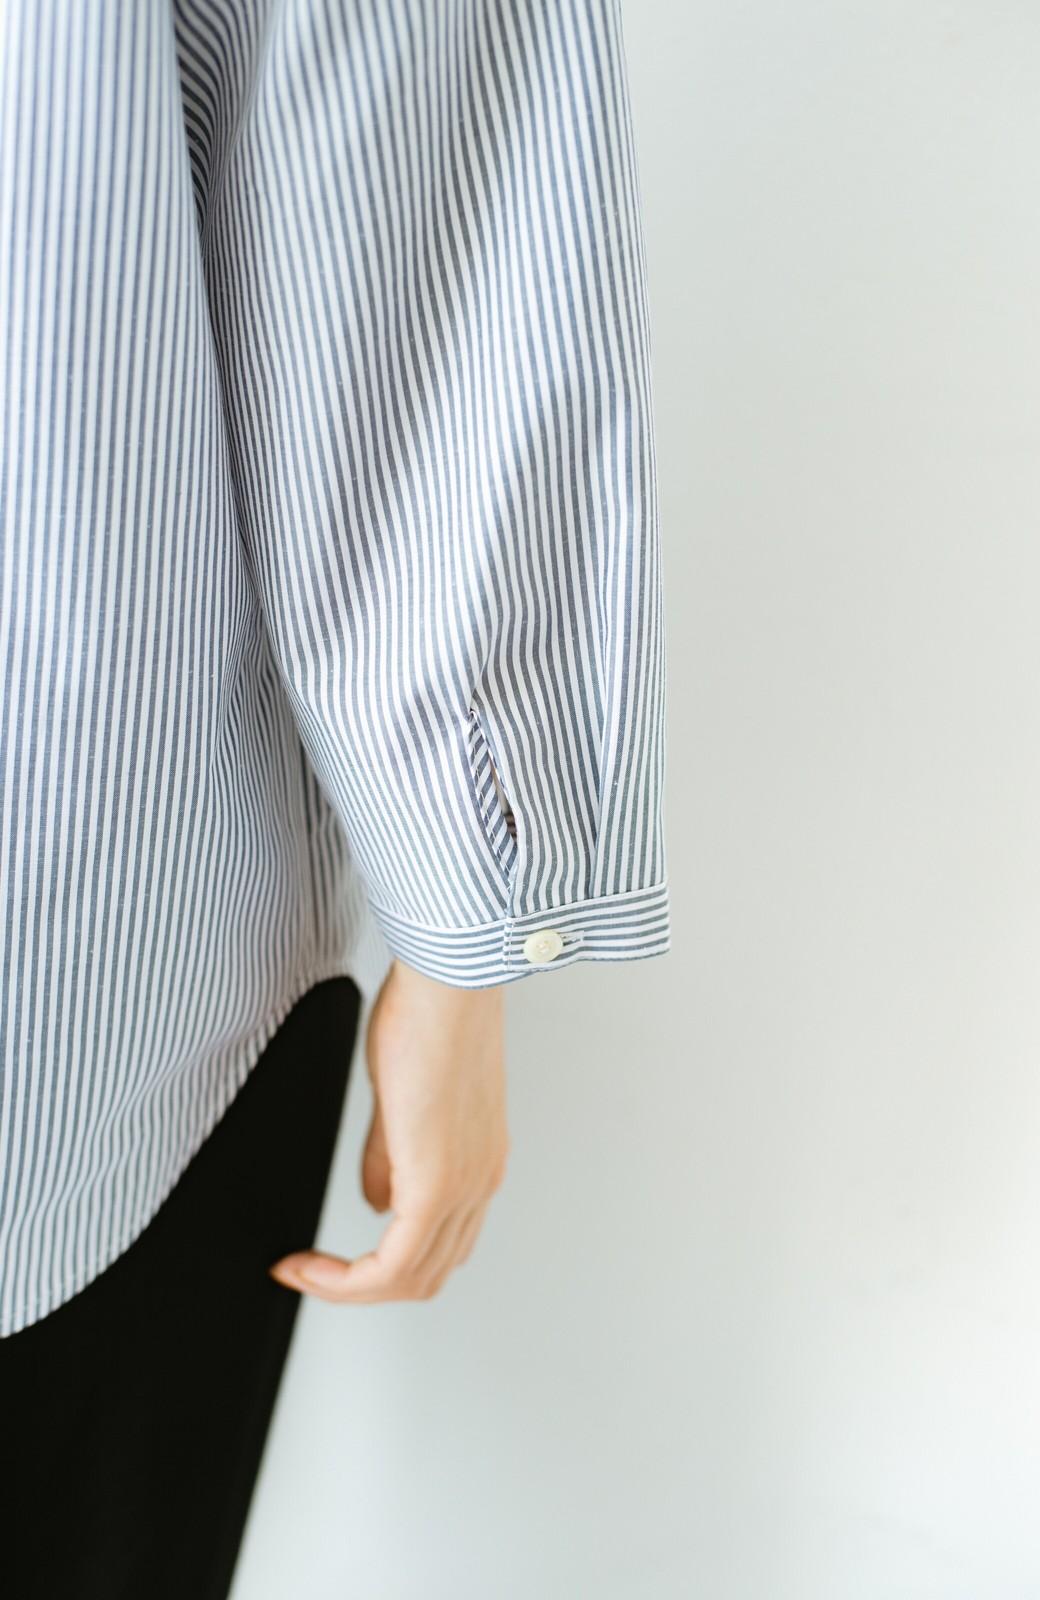 haco! 【あまる肩幅党】肩幅広めがなんのその! きちんと見えて肩まわりゆったりの定番スタンドカラーシャツ <ストライプ>の商品写真5